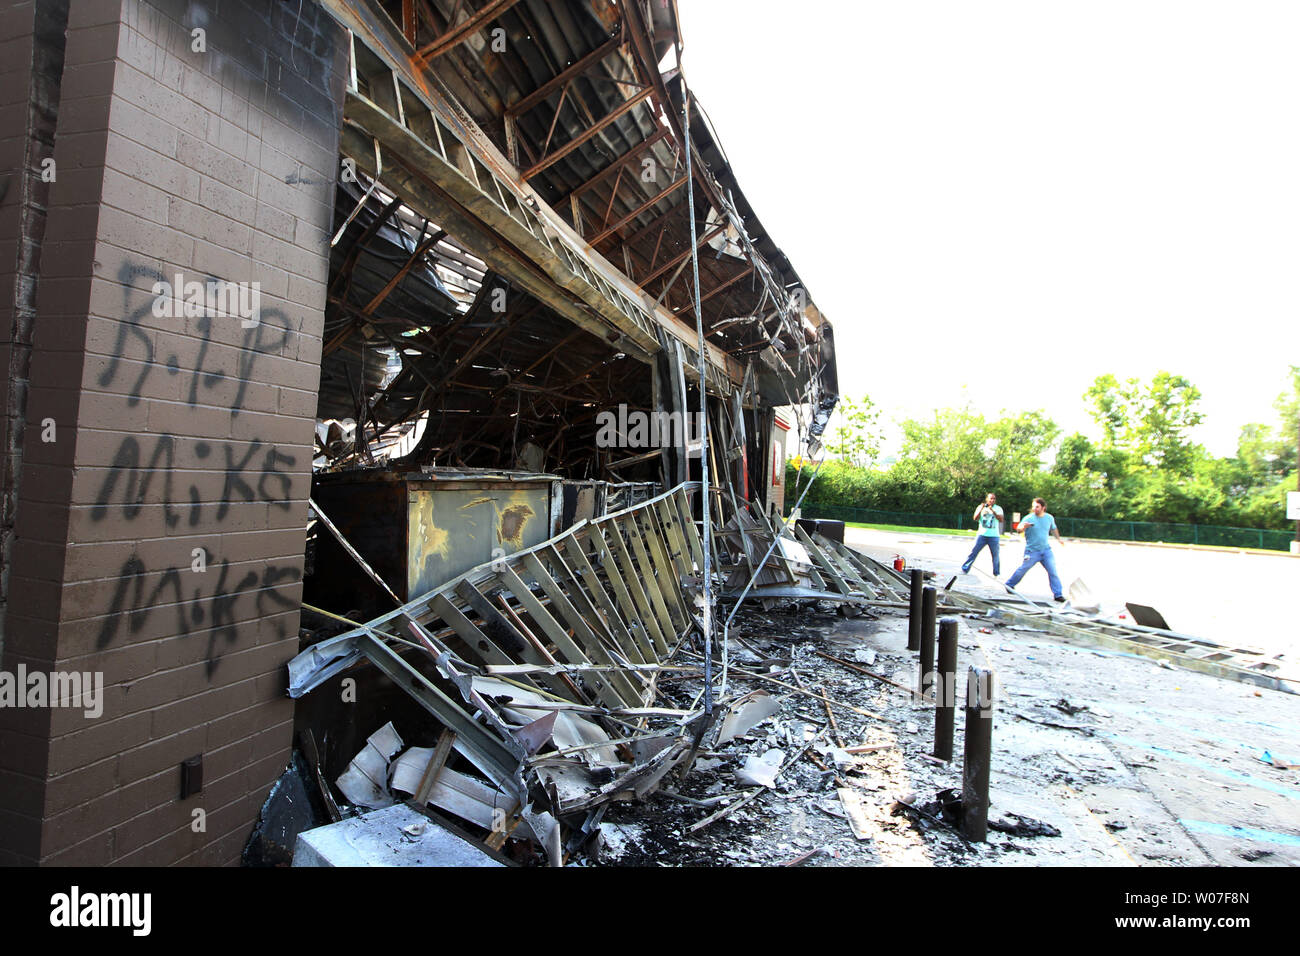 Des excursions pour voir de plus près une QuikTrip Gas station après une nuit de pillages, d'émeutes et d'incendies dans la région de Ferguson, Missouri le 11 août 2014. Les gens sont mécontents en raison de la Ferguson la police tirer et la mort d'un adolescent noir non armé Michael Brown le 9 août 2014. En tout sur les 20 entreprises a subi des dommages après une veillée aux chandelles ont tourné à la violence. UPI/Bill Greenblatt Banque D'Images